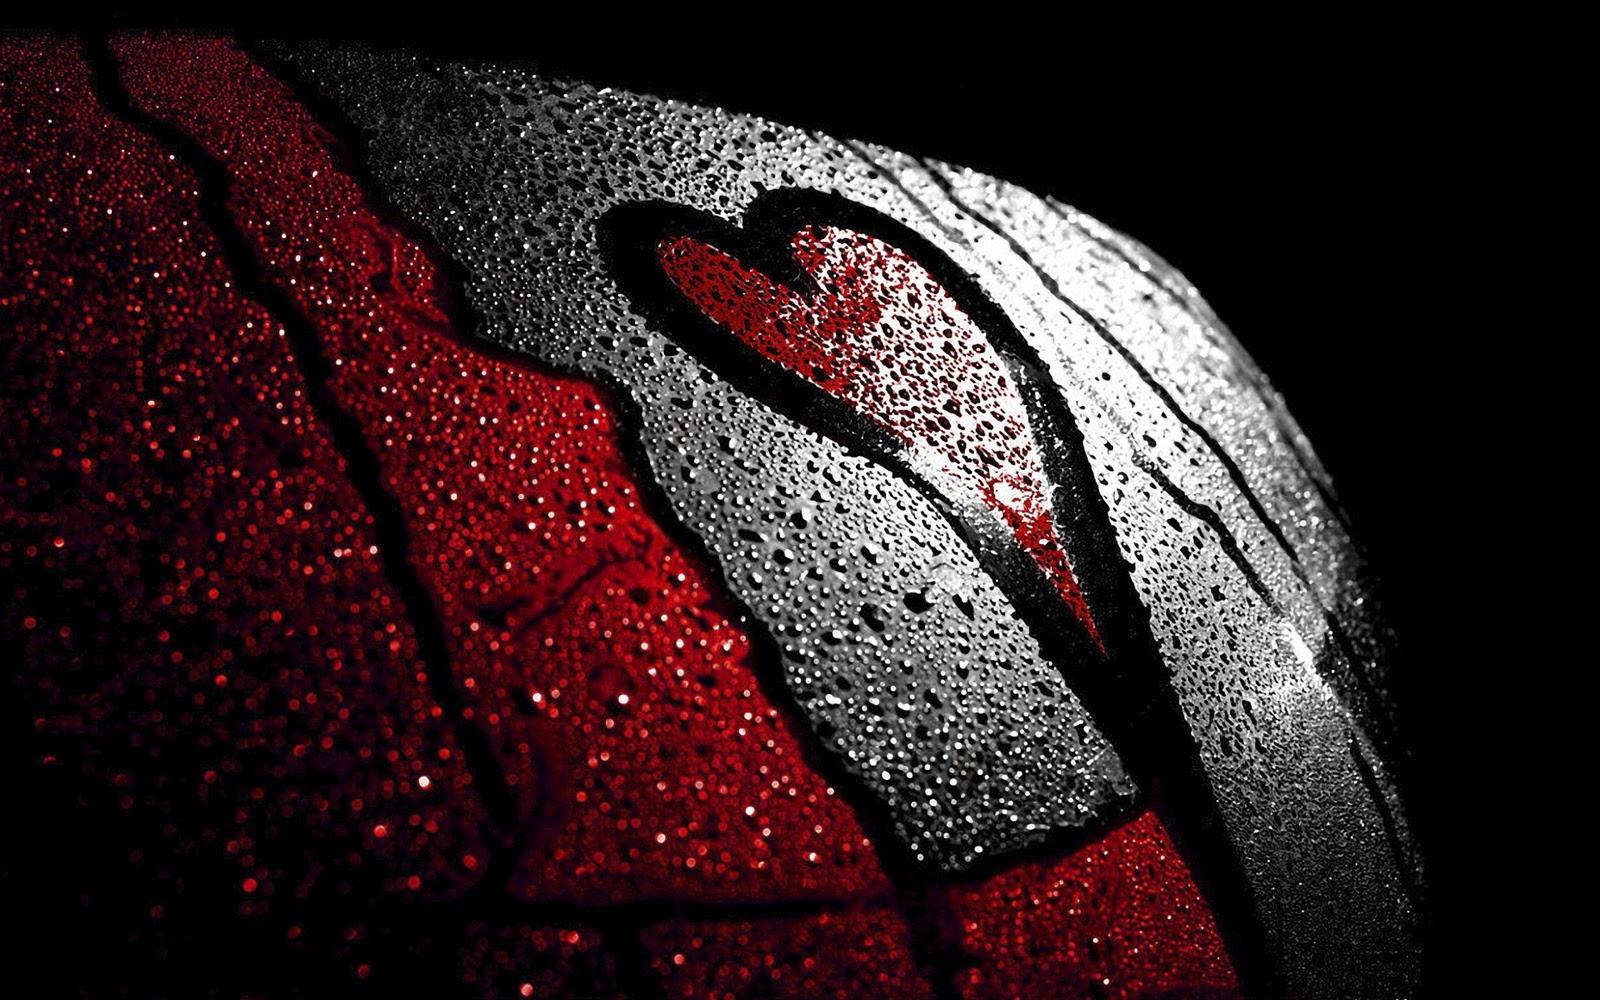 http://4.bp.blogspot.com/-ogbQhw6cew8/Tt2fHx6GYzI/AAAAAAAAA9g/rltK8-SiSsg/s1600/Heart%2BRed%2BDrops%2BHD%2BWallpaper%2B-%2BLoveWallpapers4u.Blogspot.Com.jpg